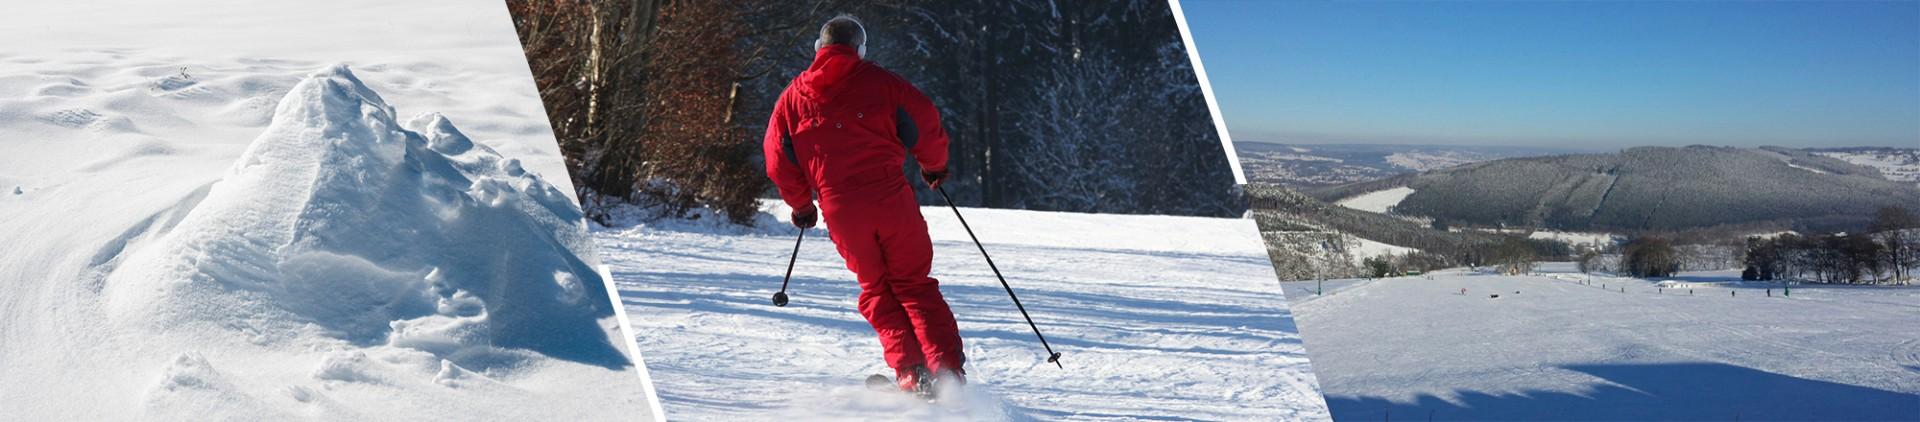 Wintersport - Provinz Lüttich